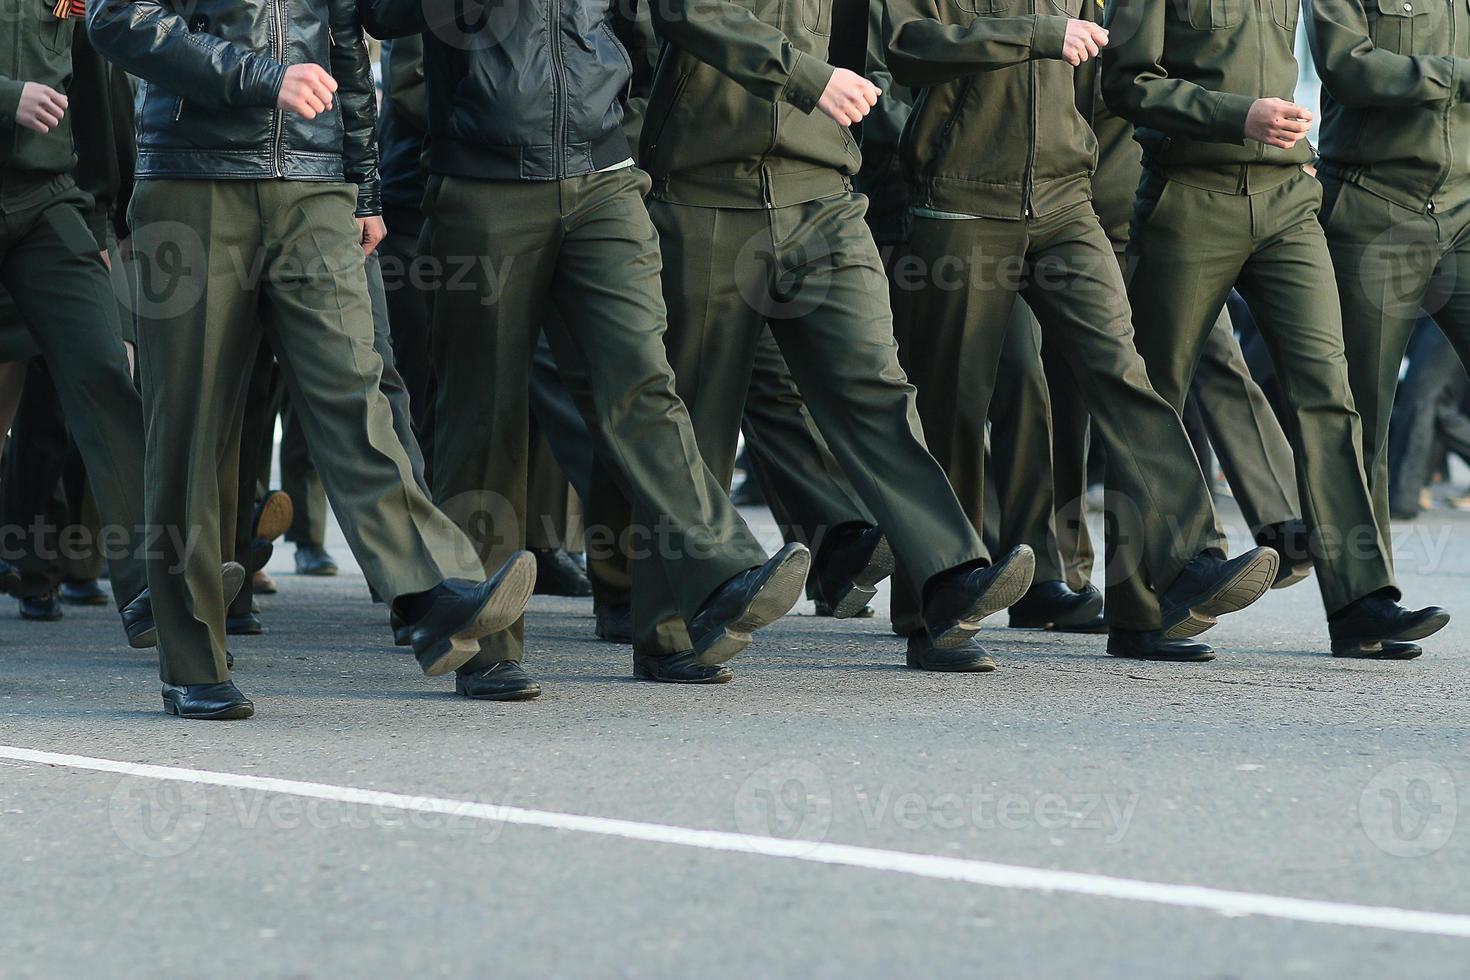 soldados desfile botas pés foto